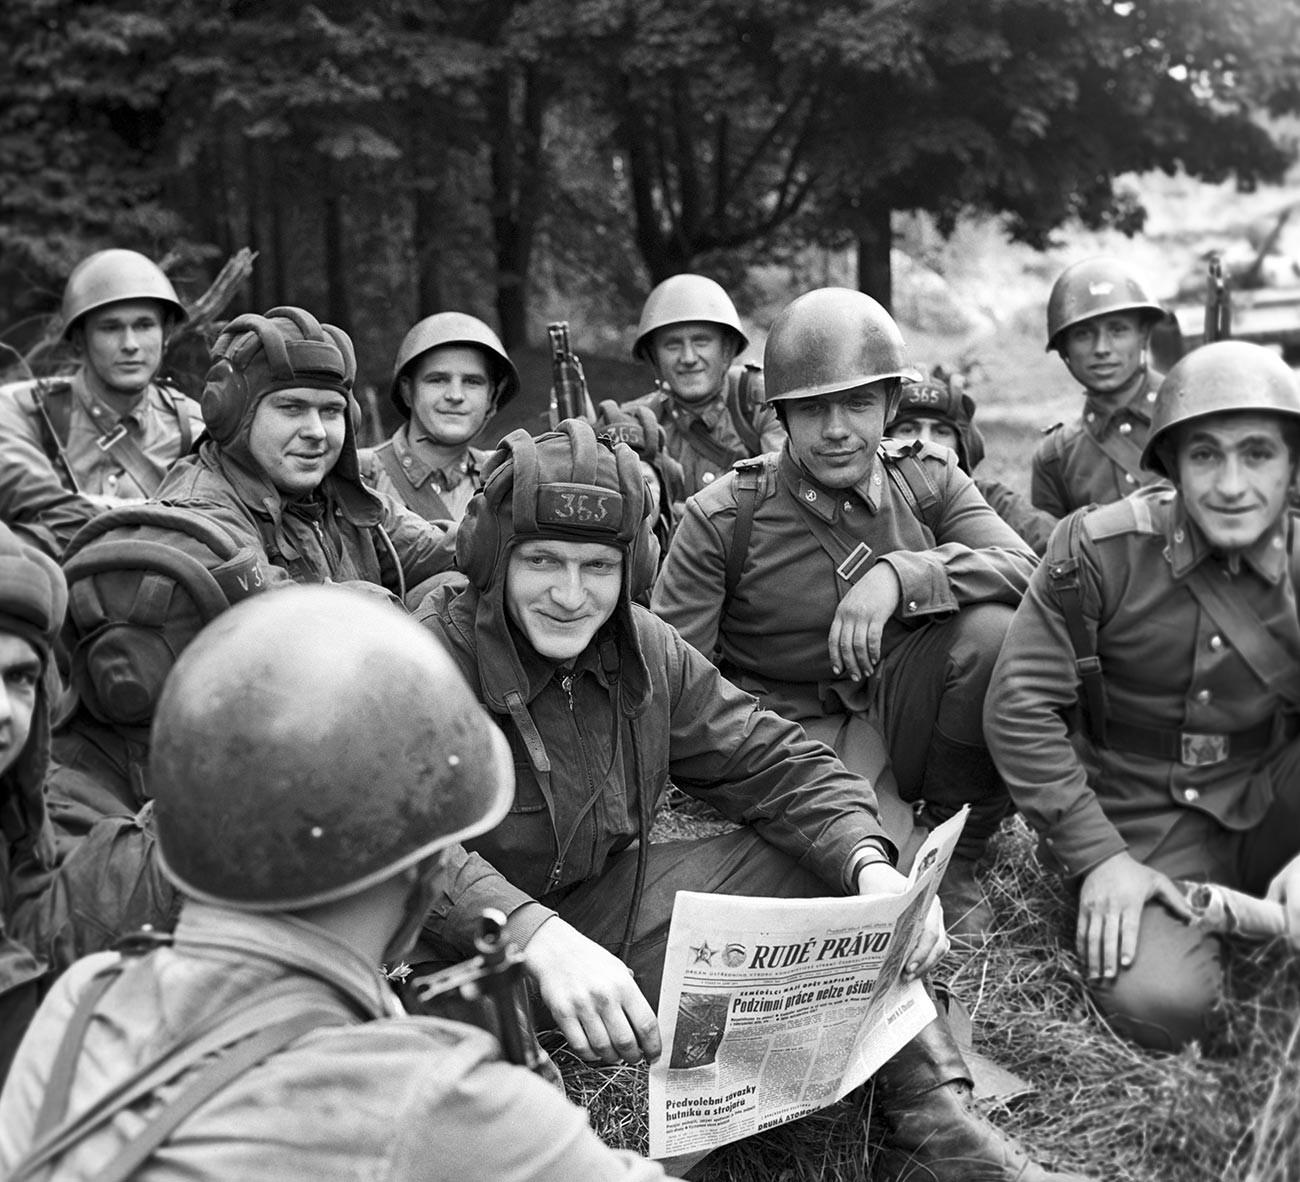 Тенкисти Чехословачке народне војске и припадници совјетских мотострељачких јединица на одмору током заједничких вежби.